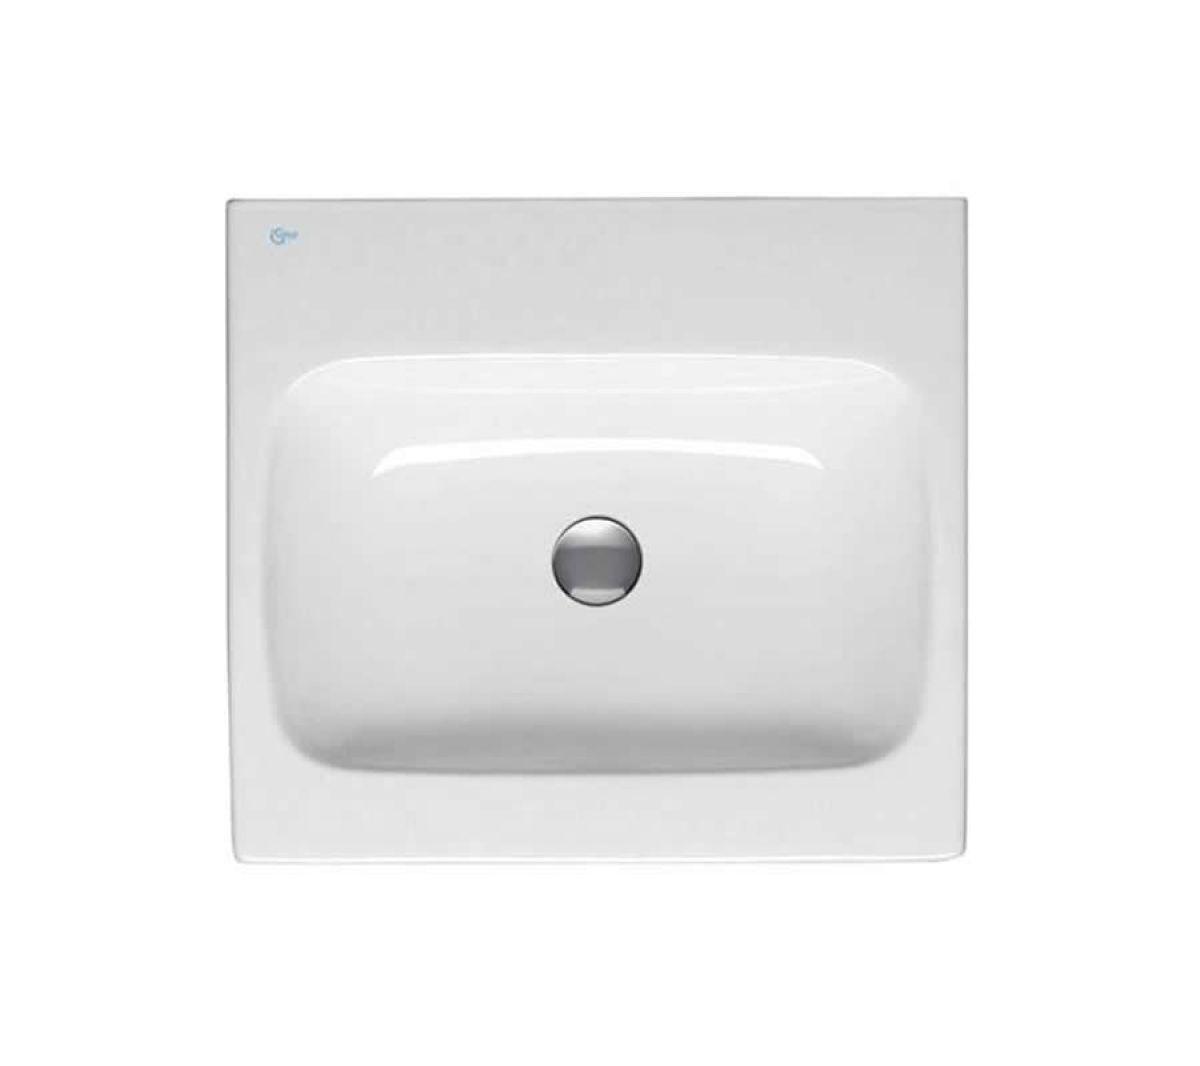 ideal standard simplyu dynamic 650mm basin uk bathrooms. Black Bedroom Furniture Sets. Home Design Ideas